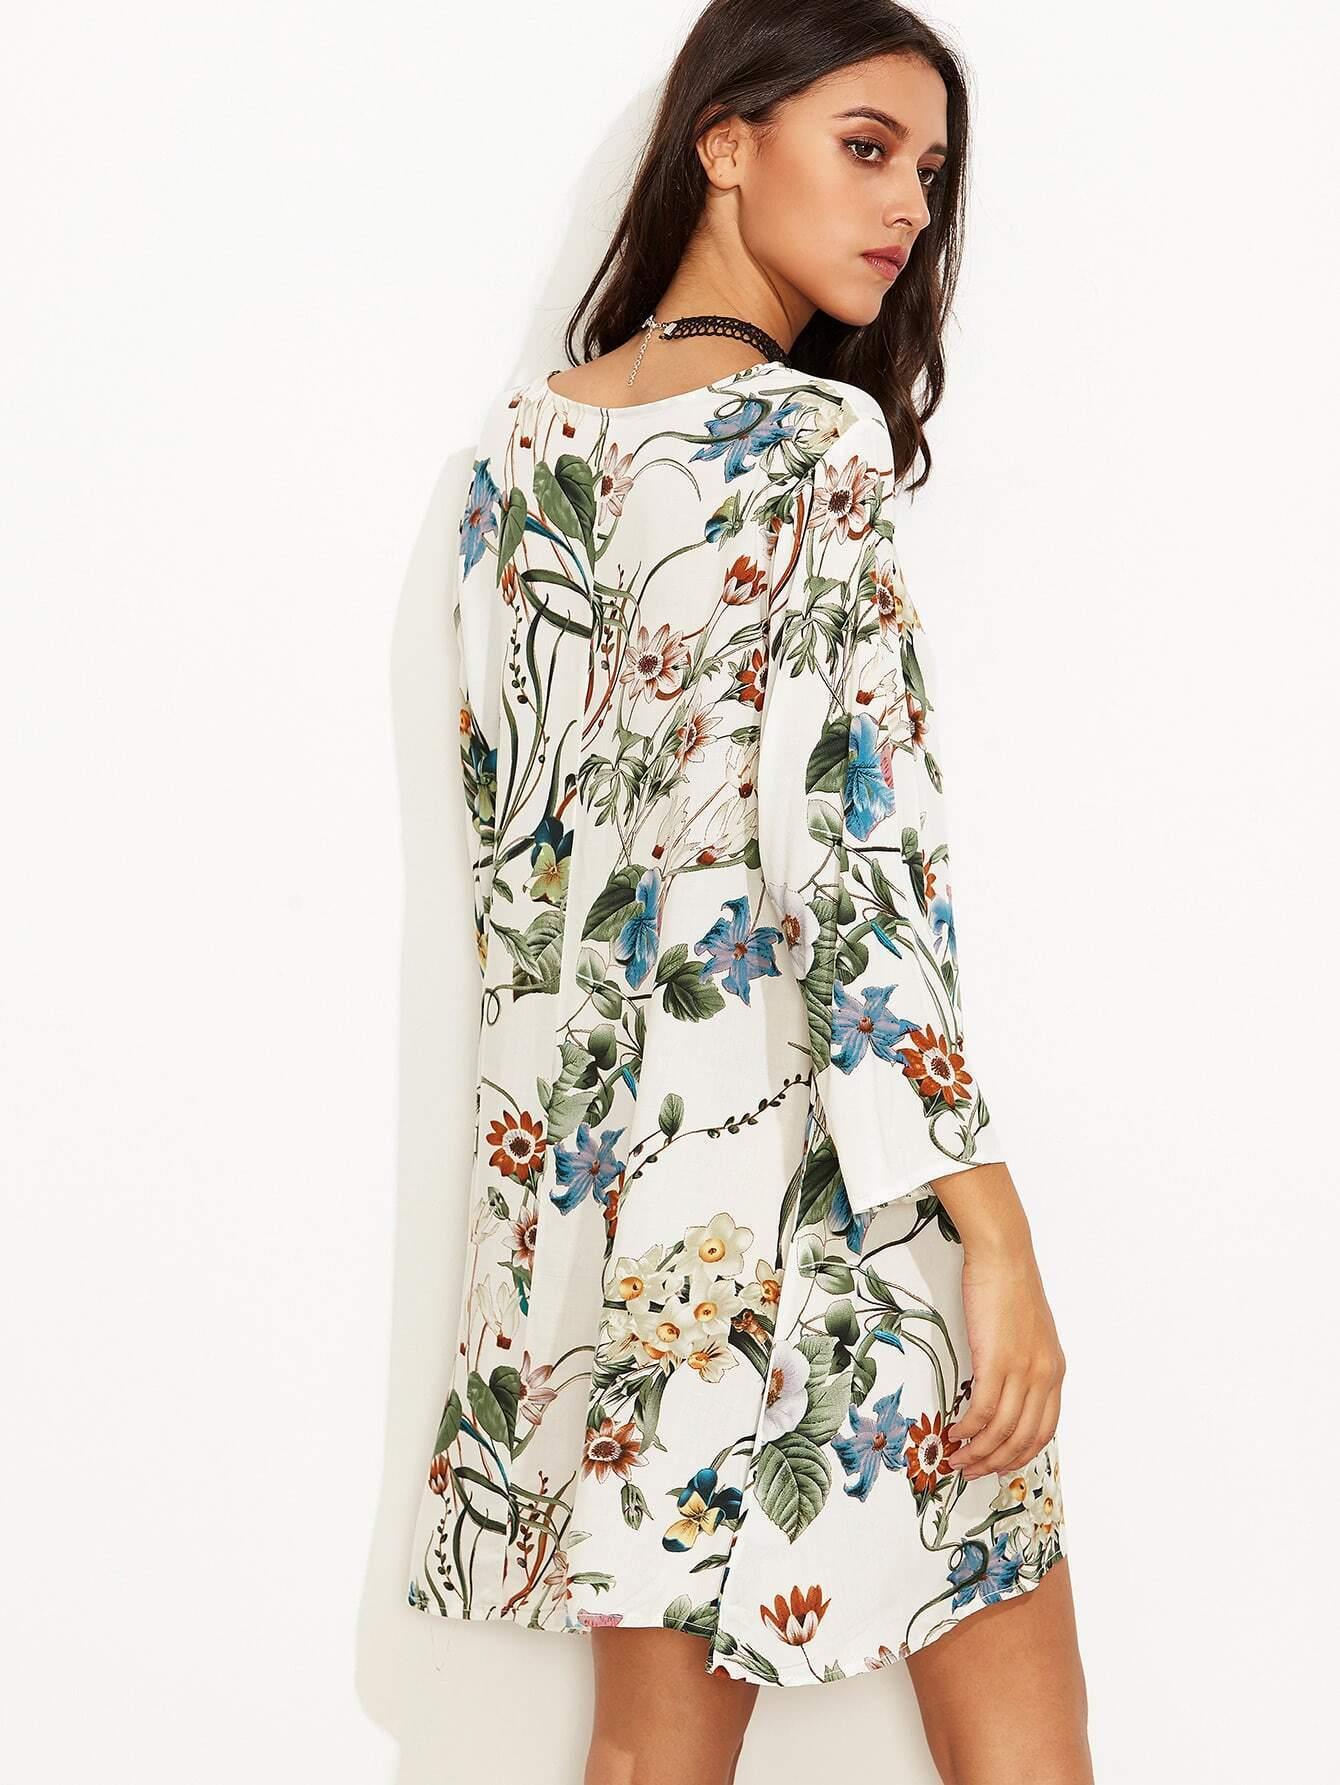 dress160826404_2